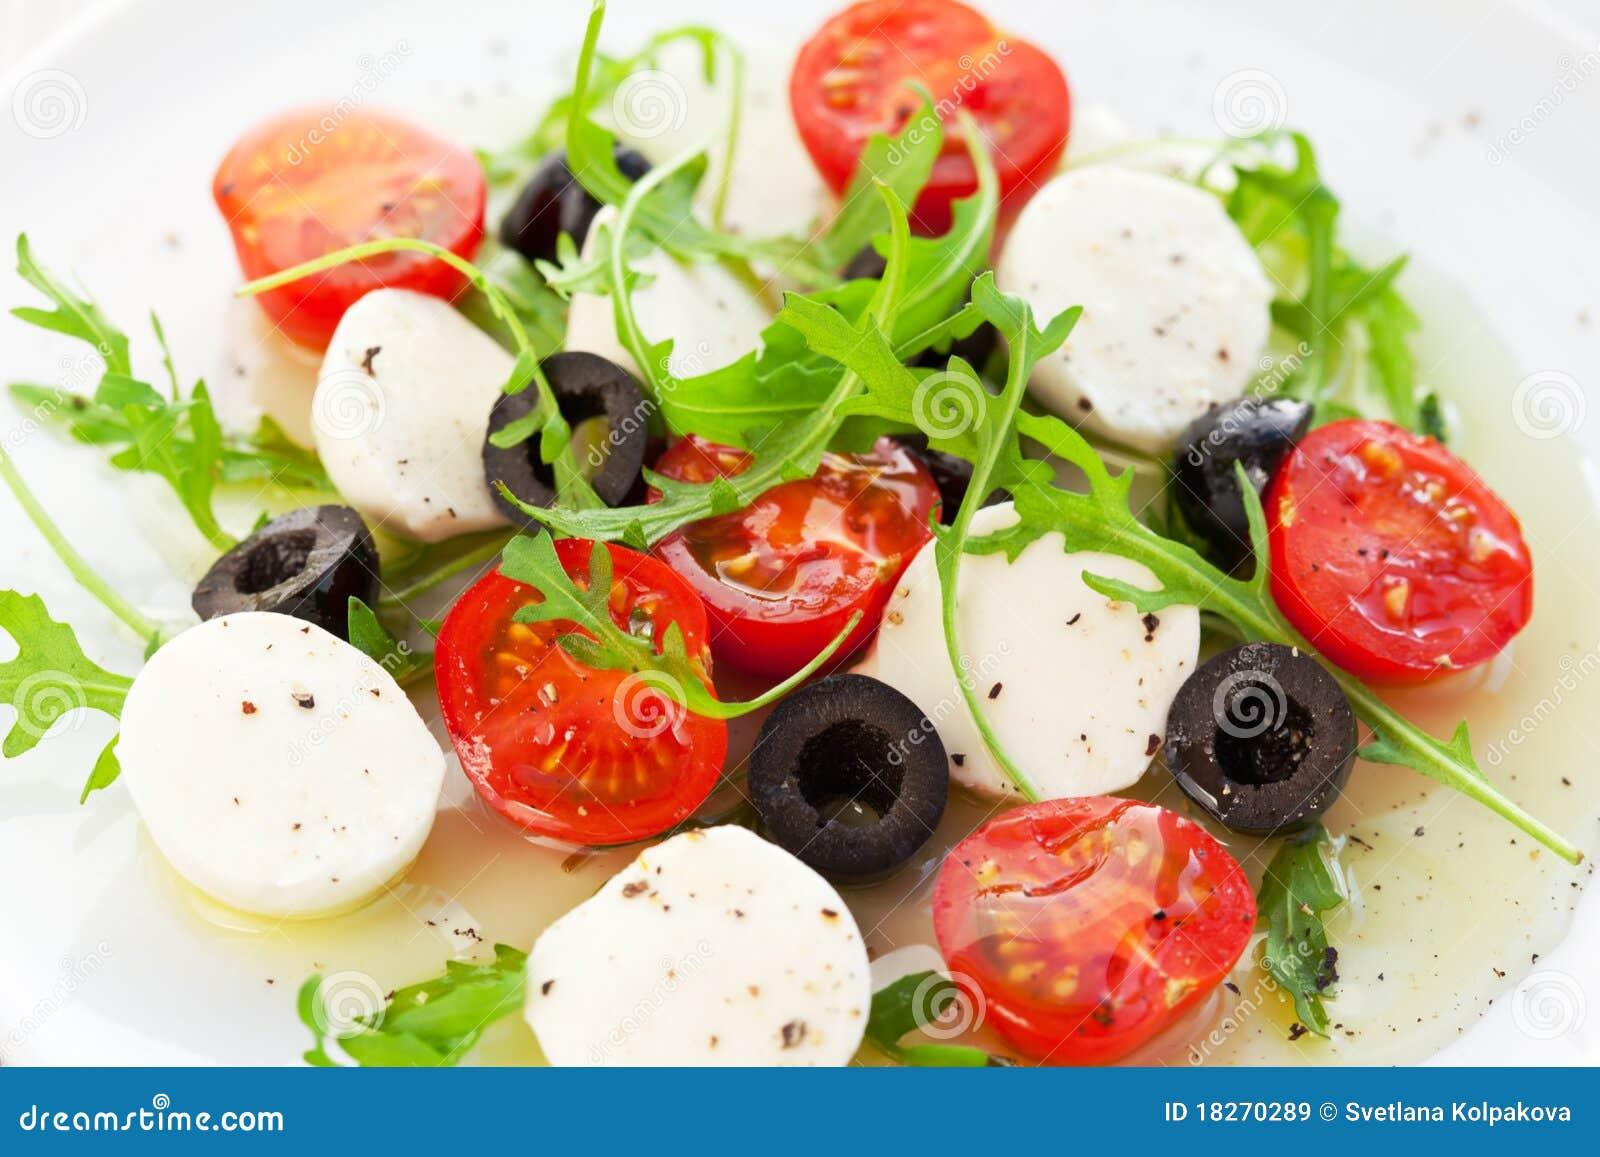 Рецепты итальянских салатов и закусок